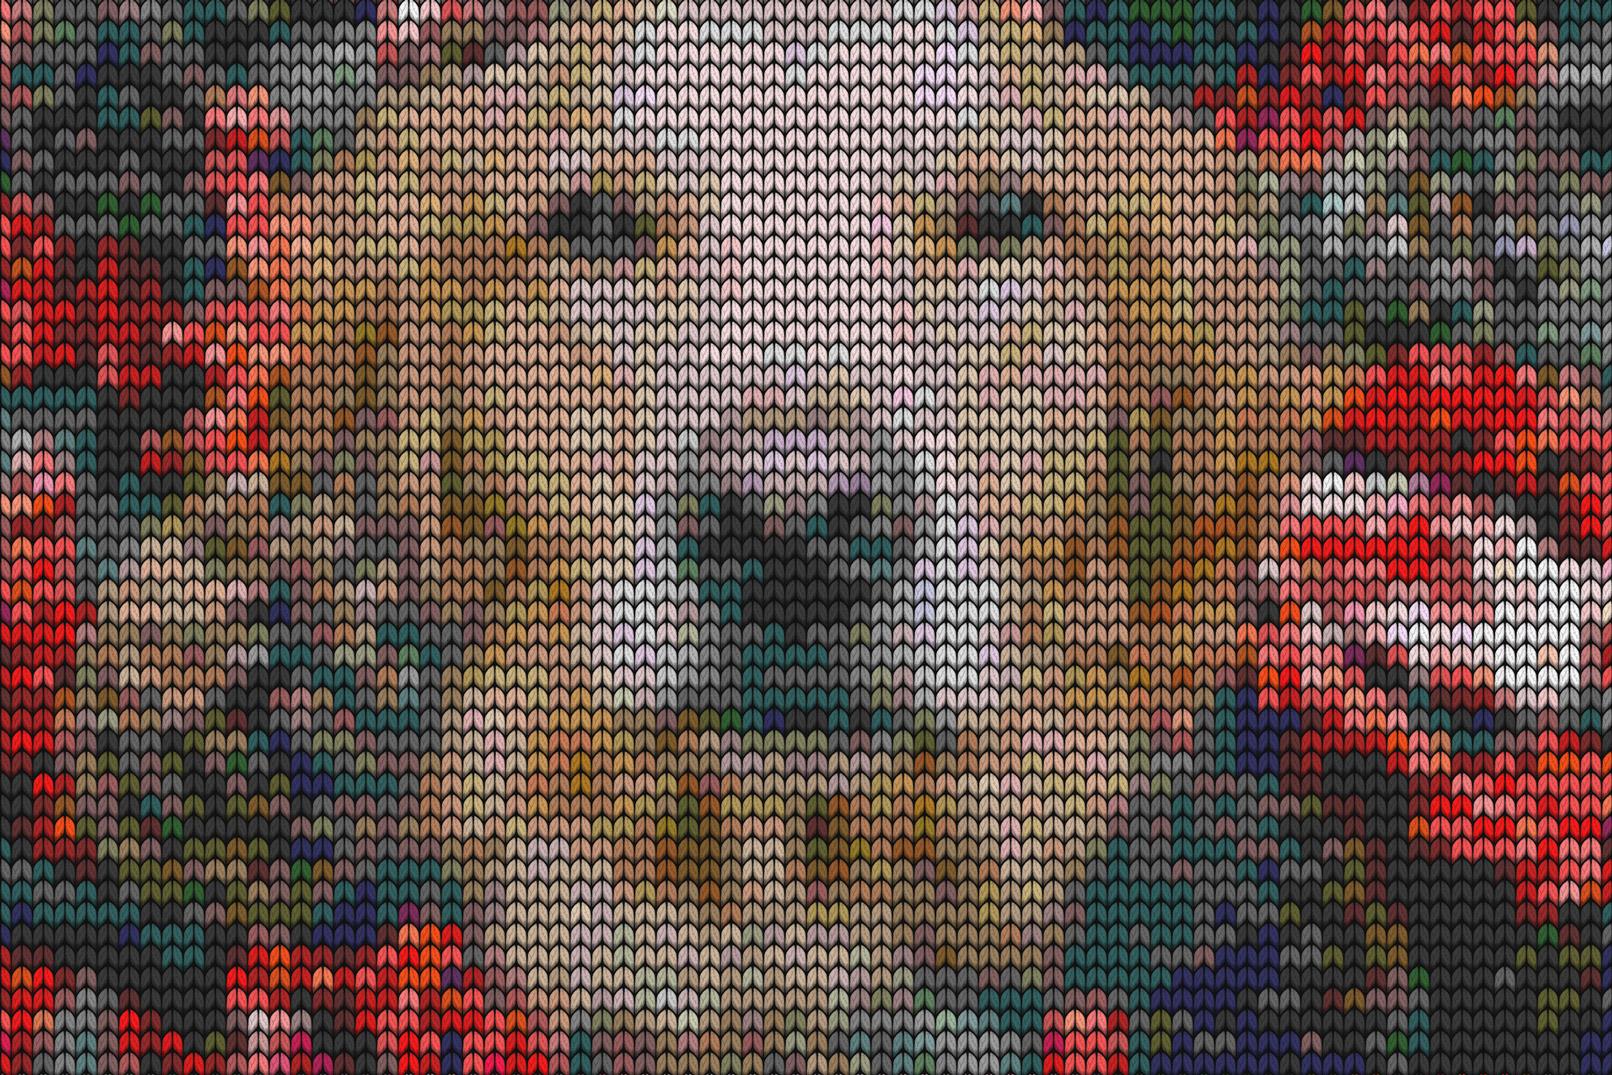 Strickmuster-Texturen für Bilder und Texte als Photoshop-Smartobjekte